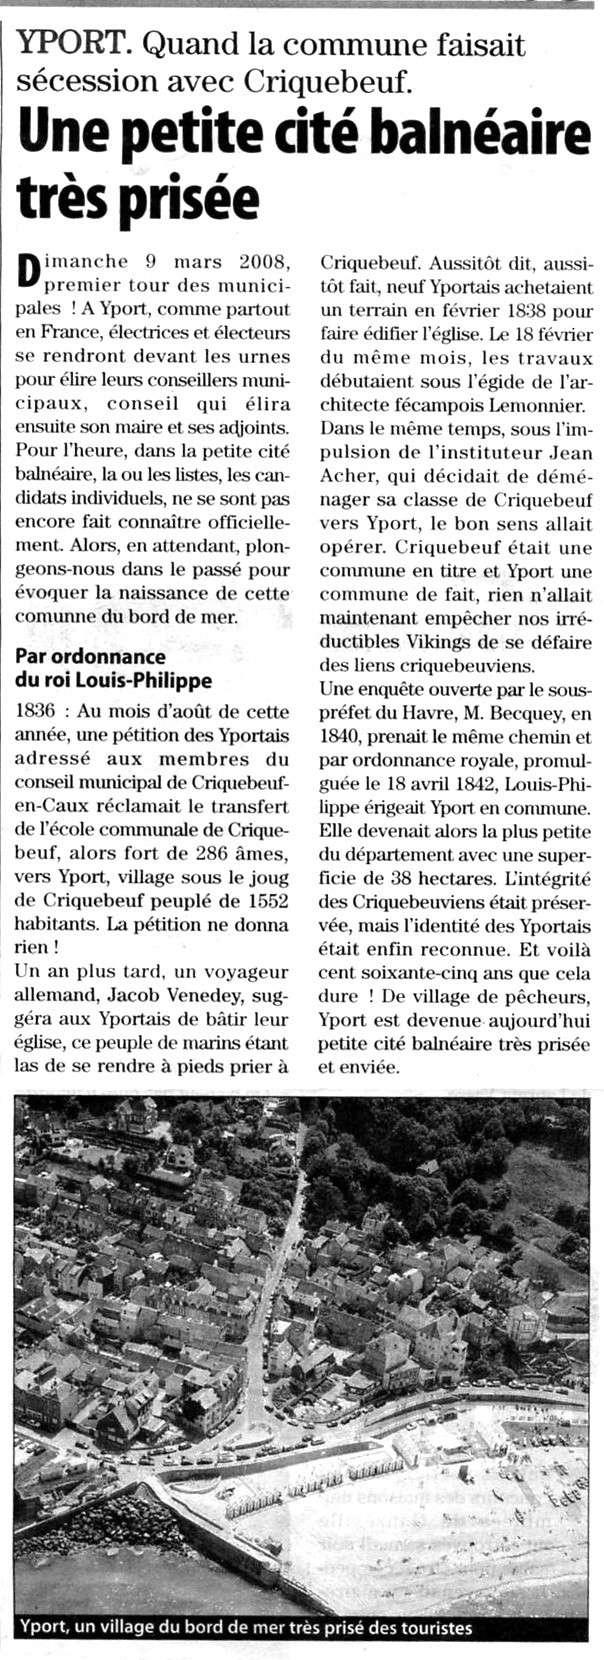 Yport fait sécession avec Criquebeuf Yport10